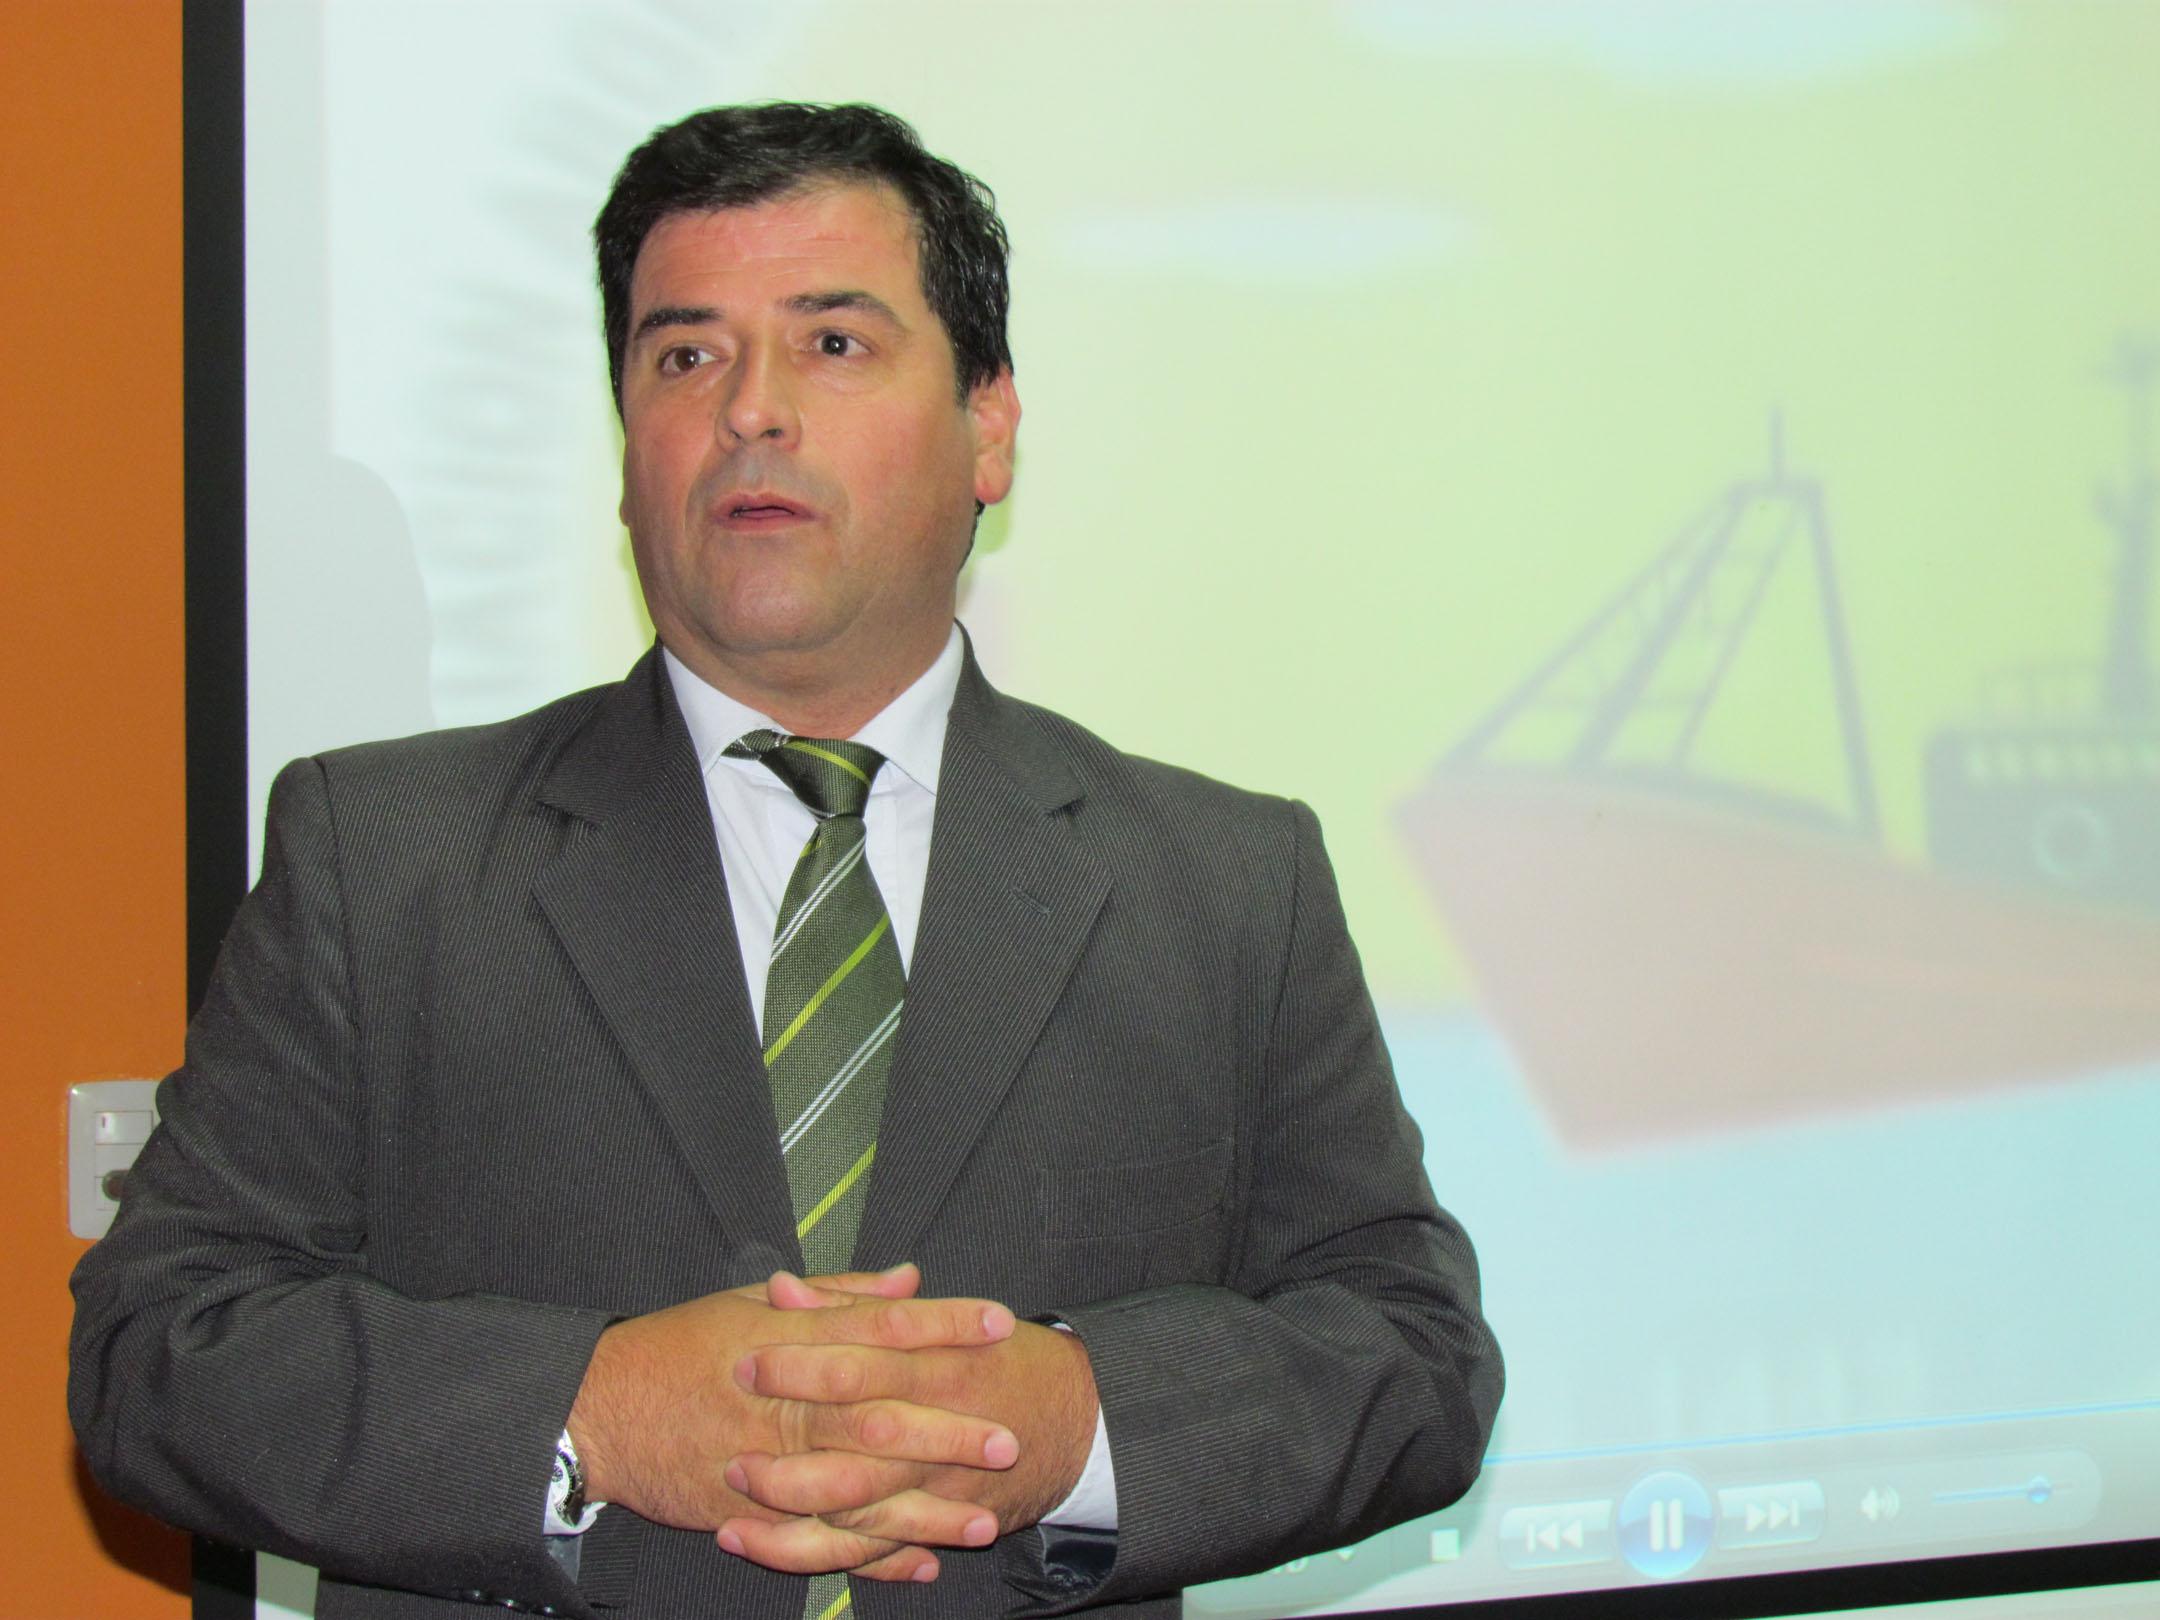 Jorge Frias (Capitanes) sobre el protocolo sanitario marítimo y sus implicancias gremiales en Mar del Plata y el país